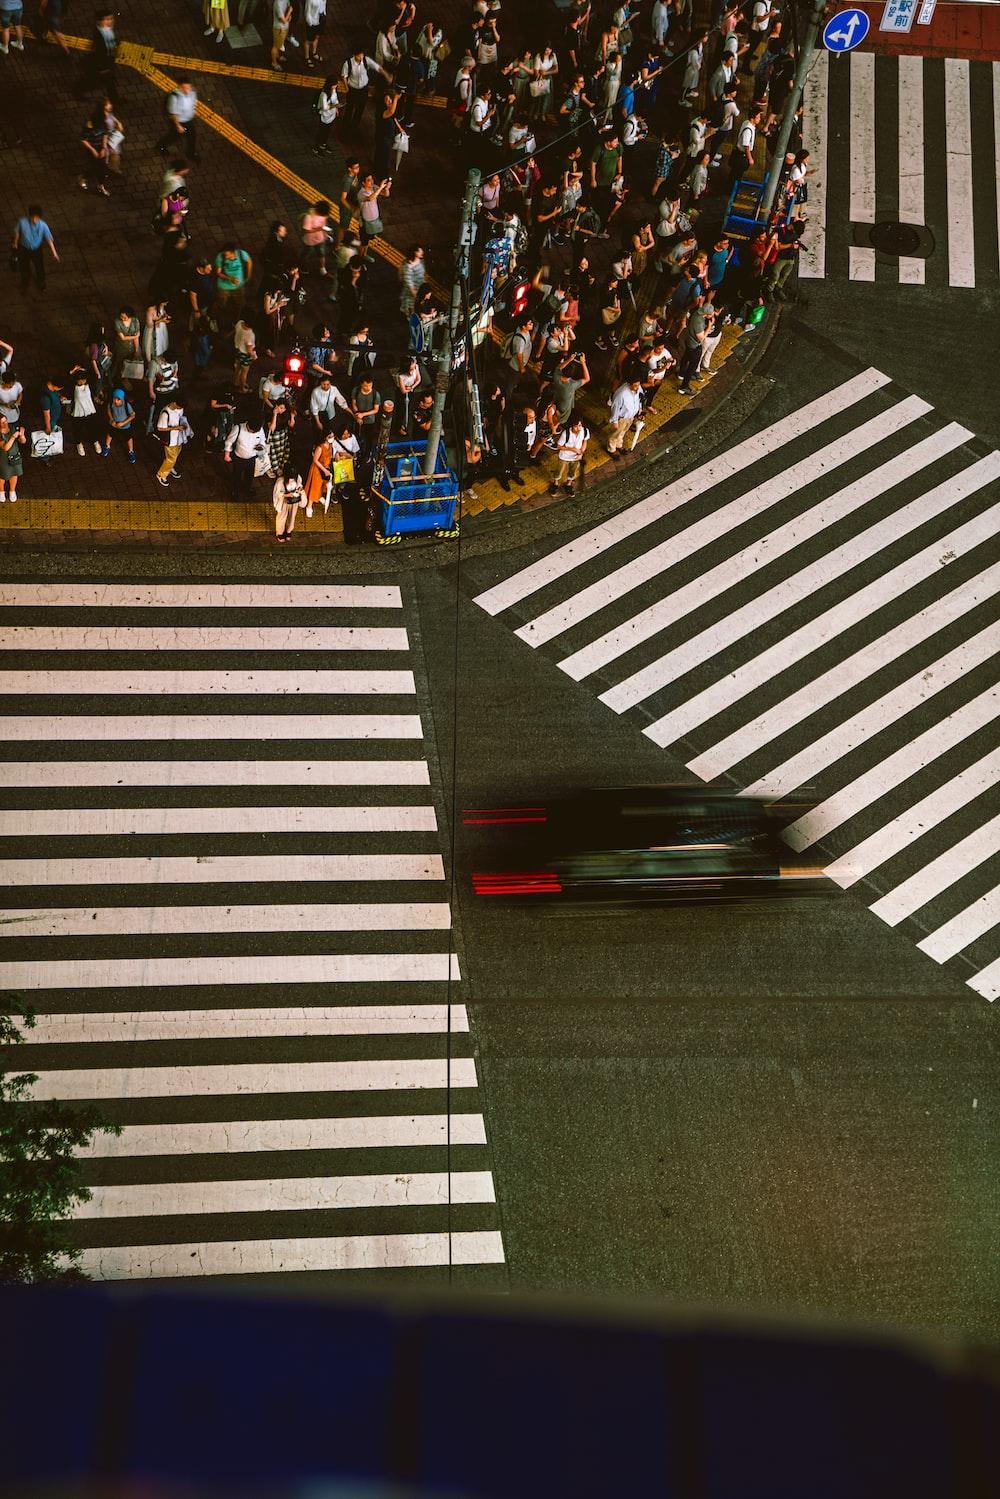 people on sidewalk